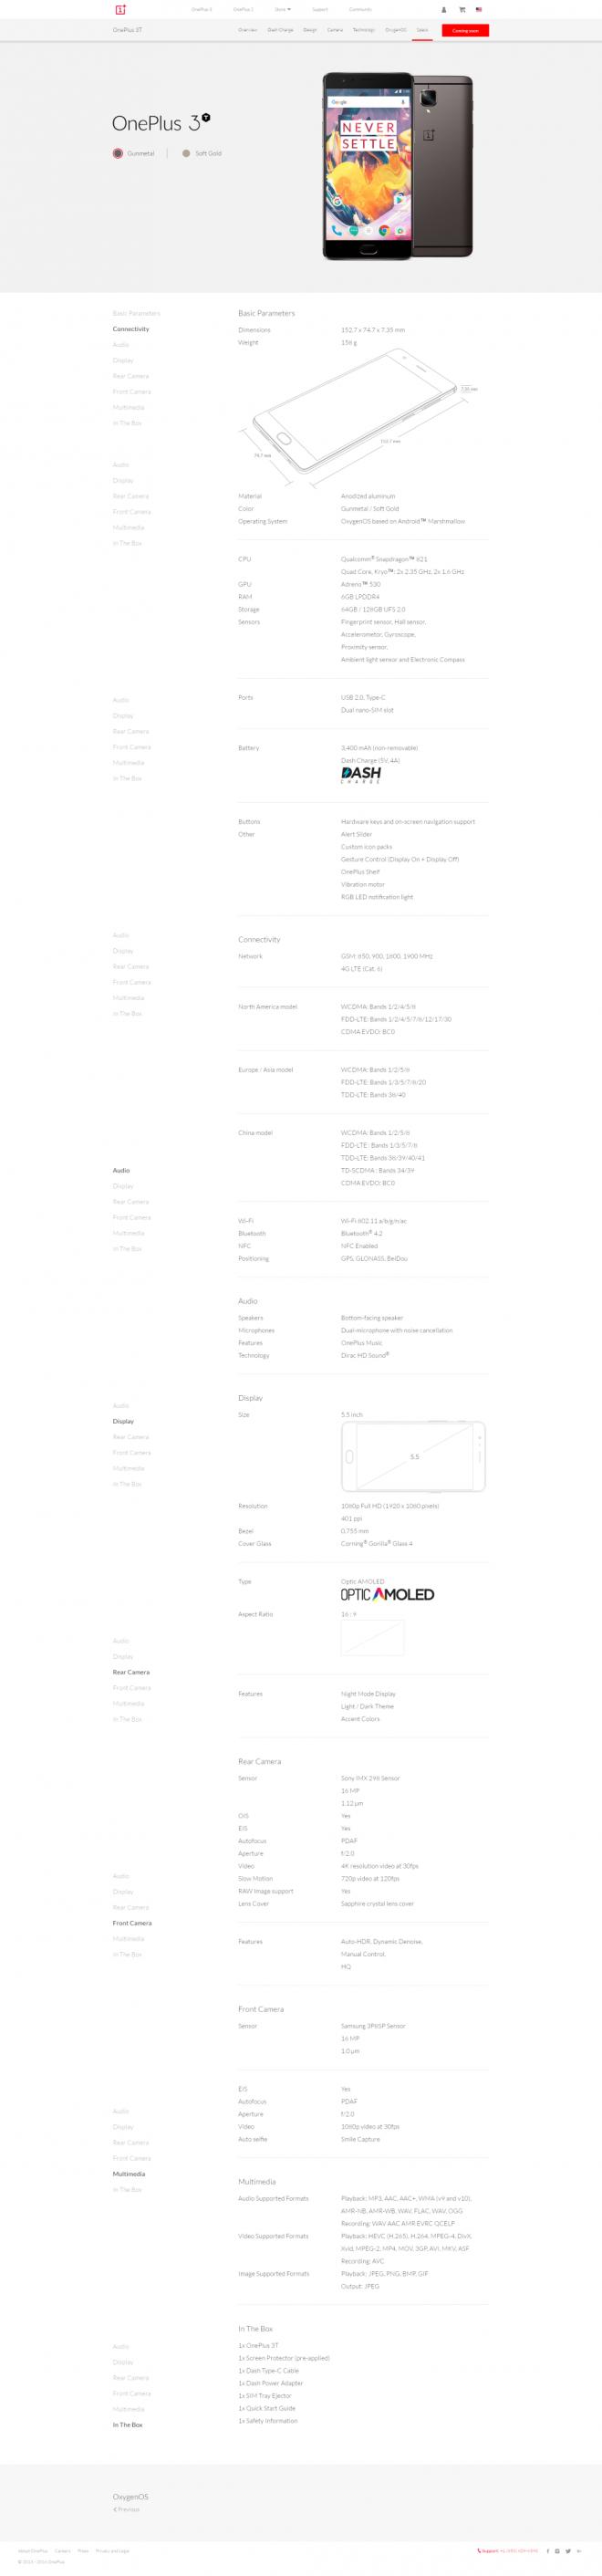 OnePlus 3T leaked specs